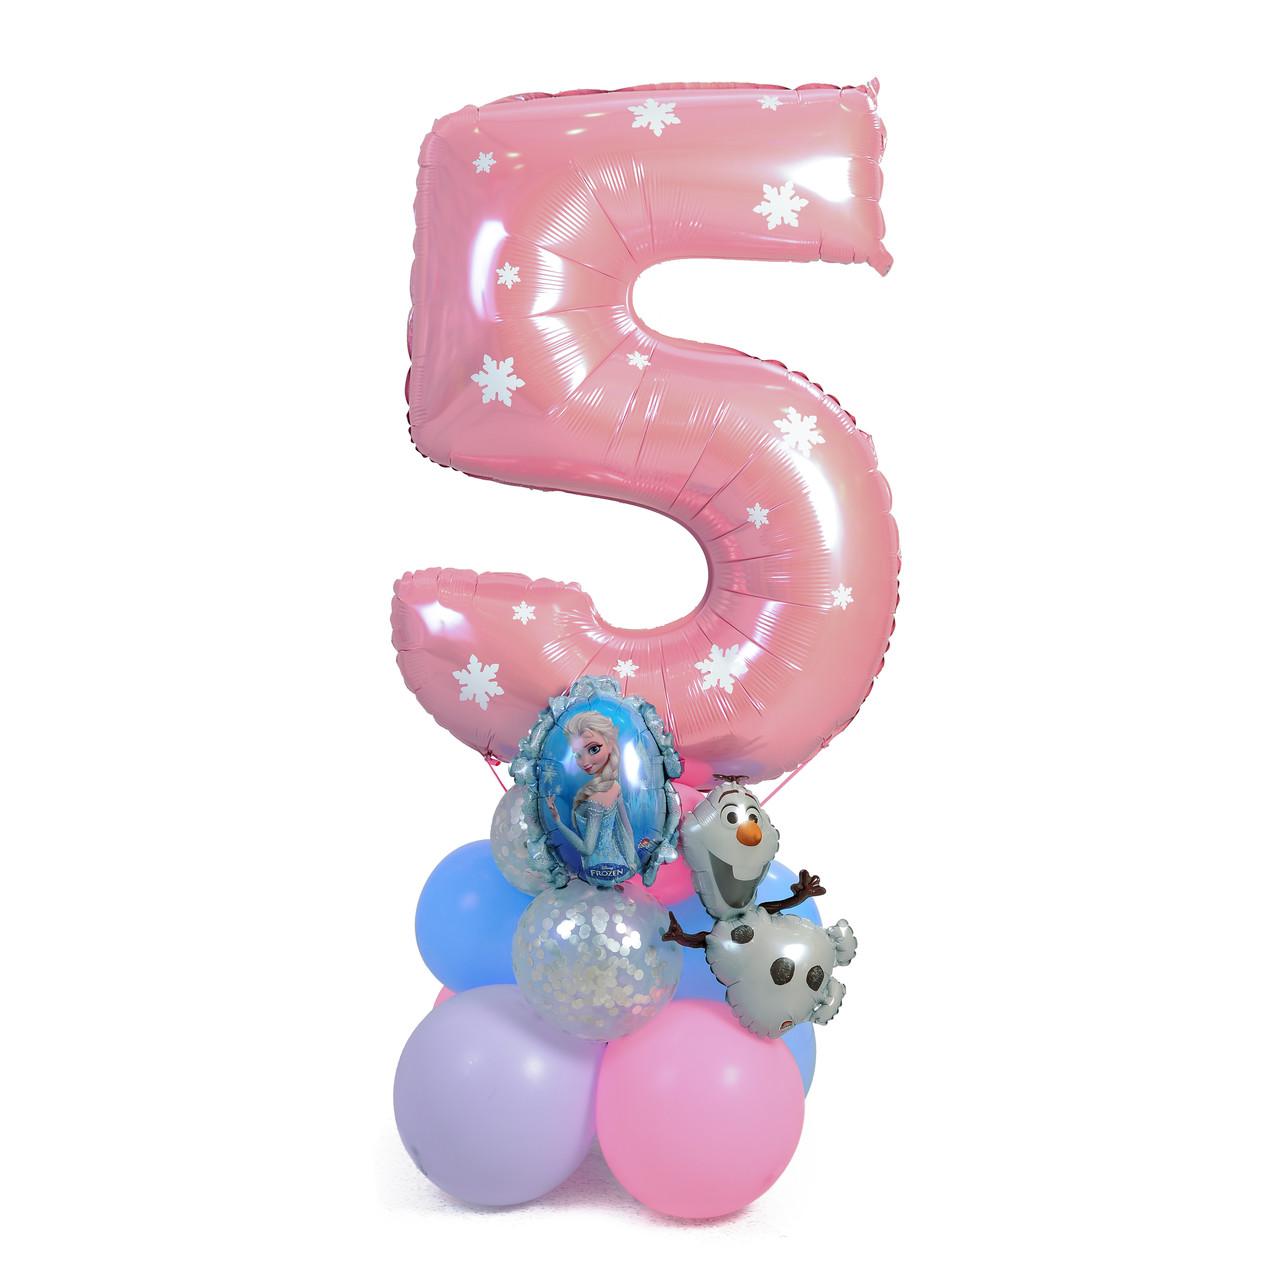 Цифра розовая с декором снежинки на подставке с Эльзой и Олафом